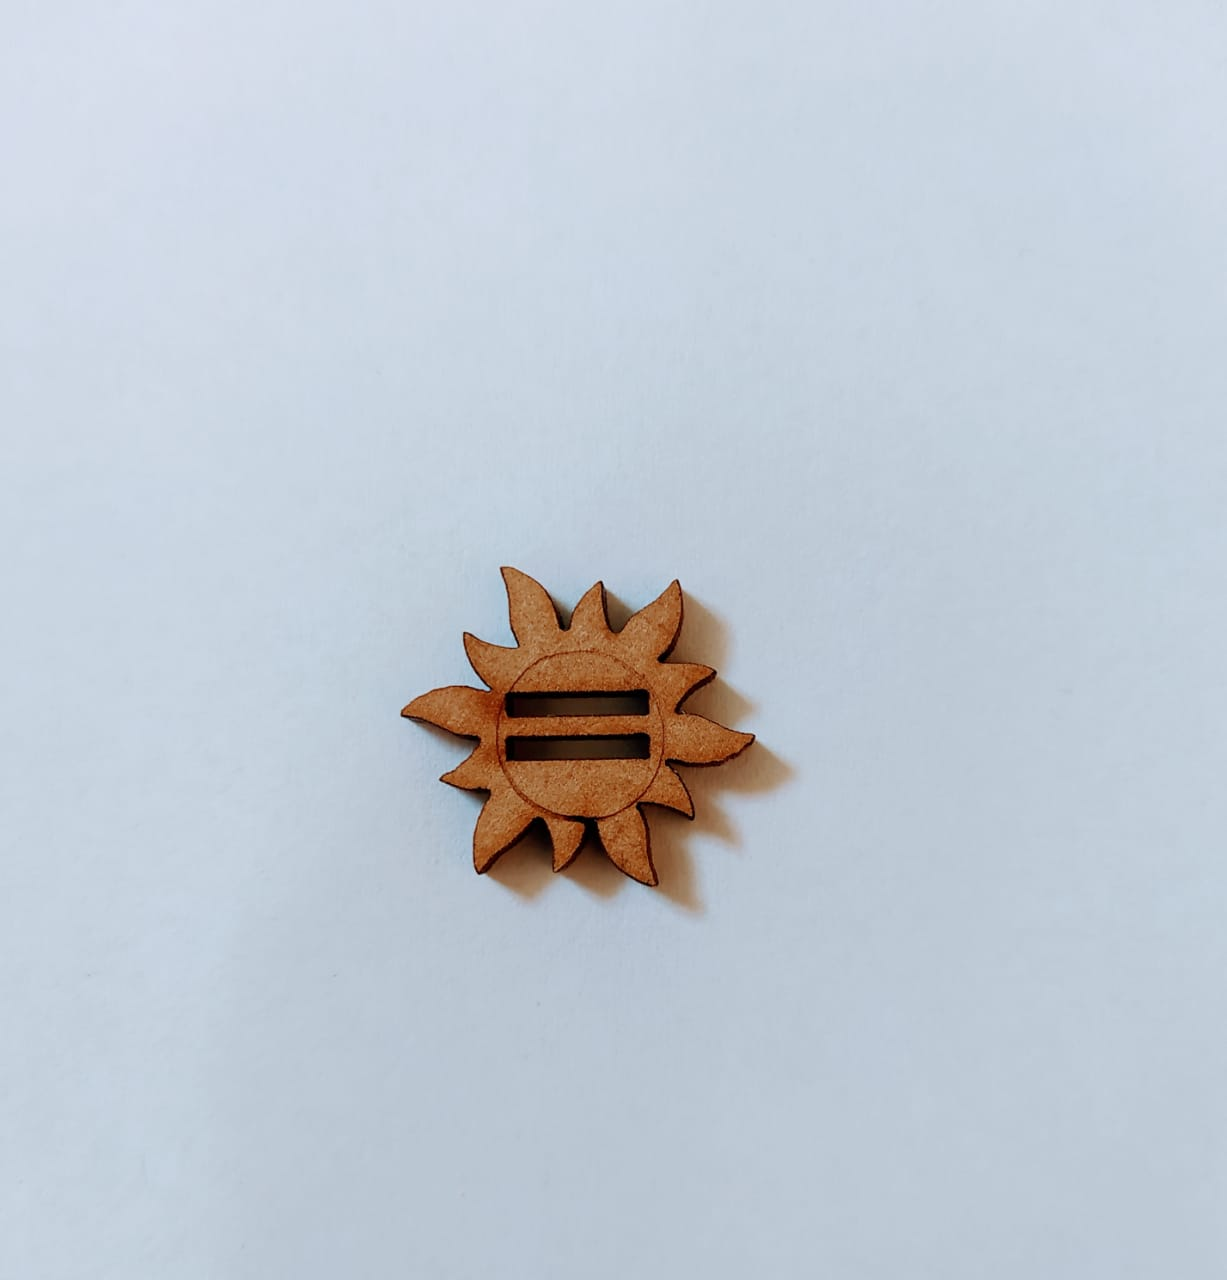 Passante para Elástico - Sol - 2cm (10 unidades) em MDF